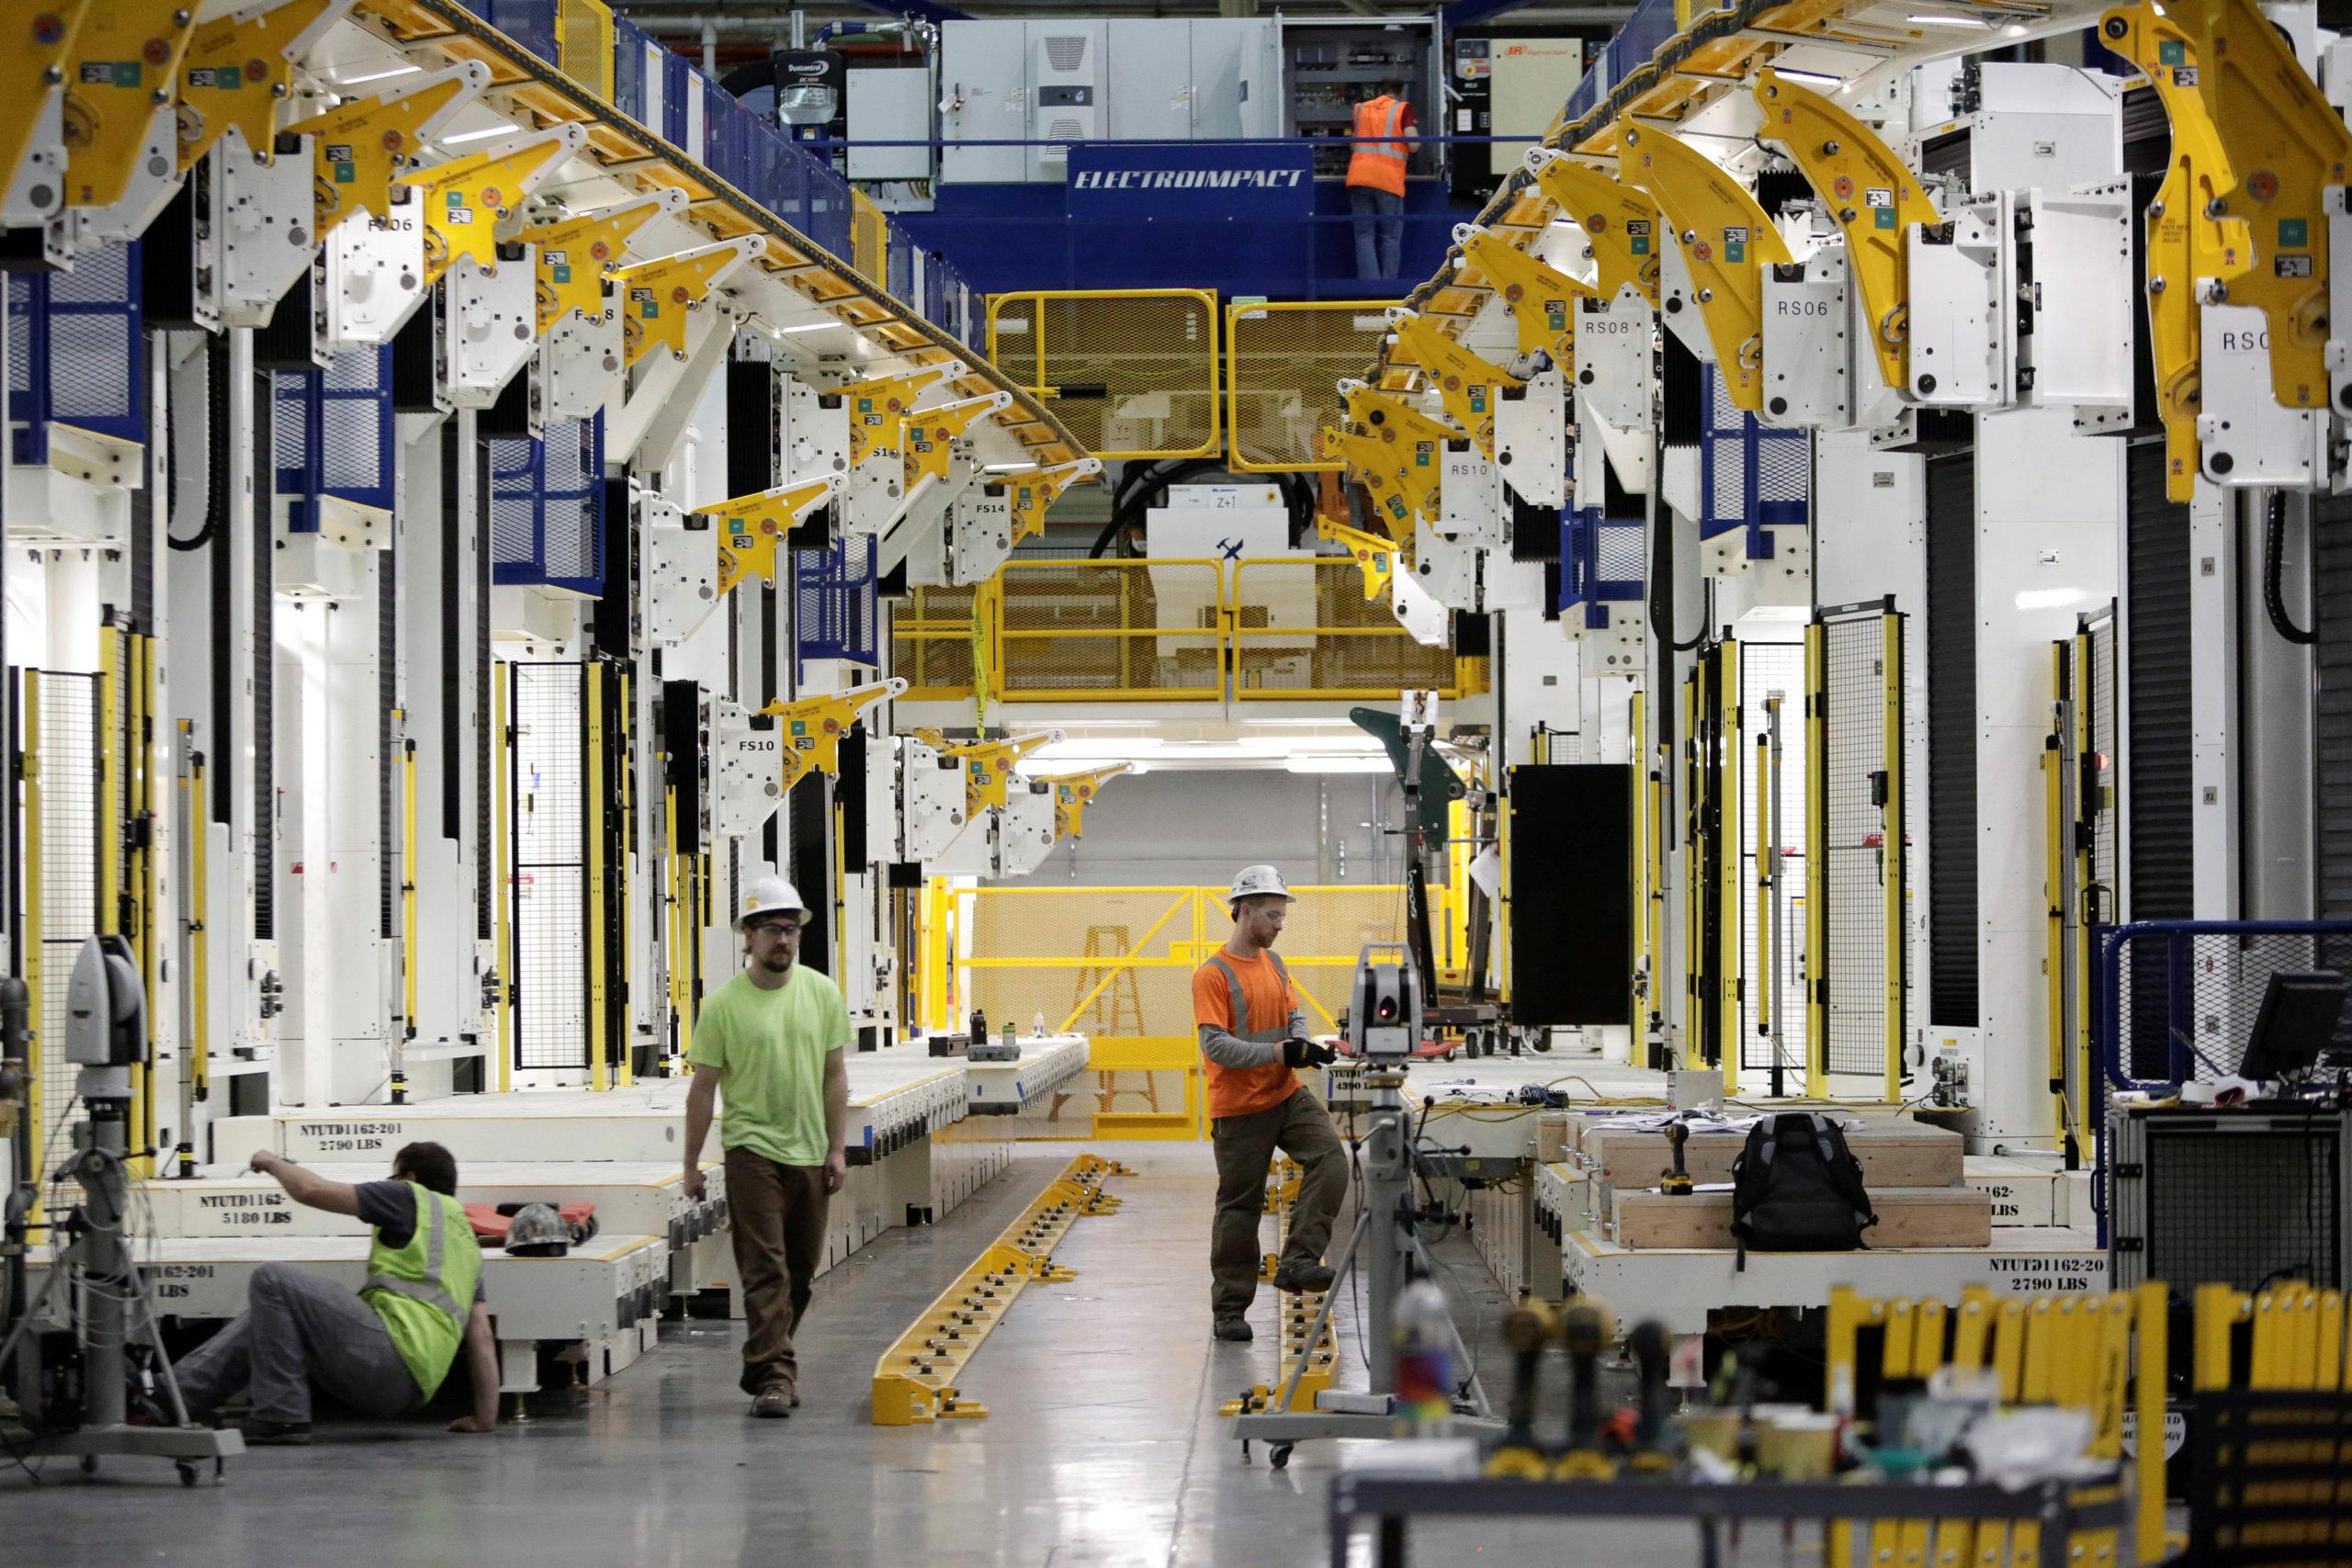 اجراءات تسجيل المصانع